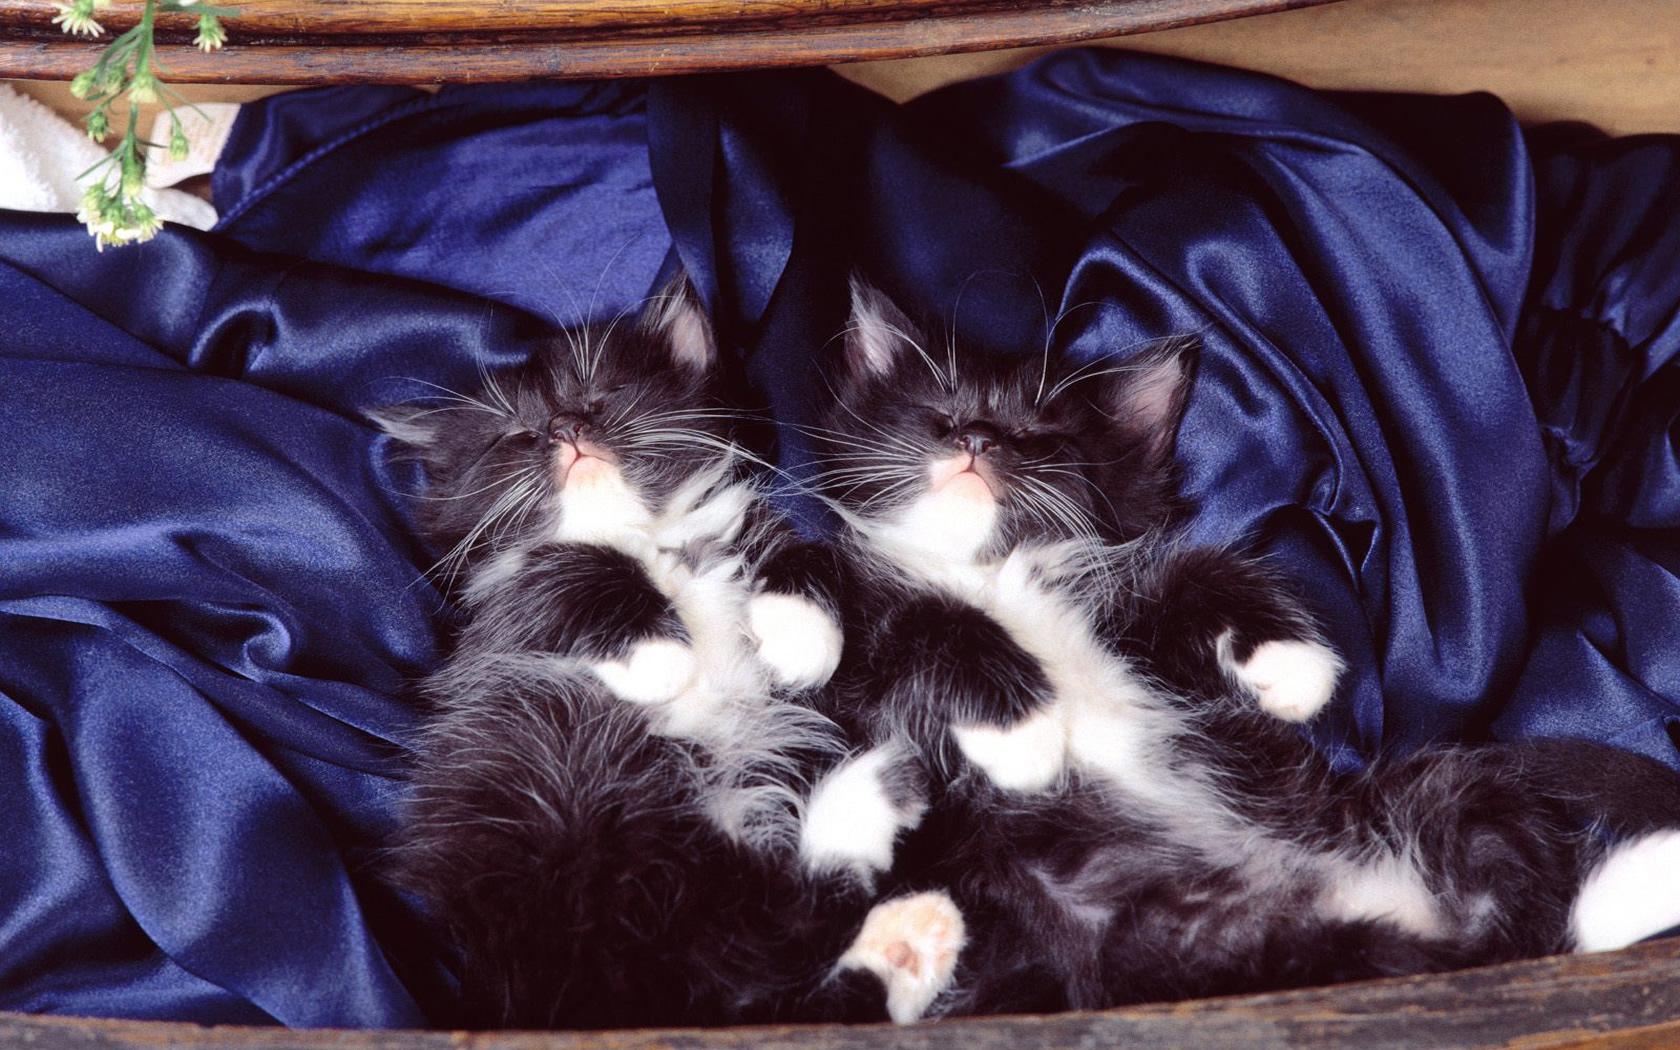 Вдв, спокойной ночи картинка прикольная с котами